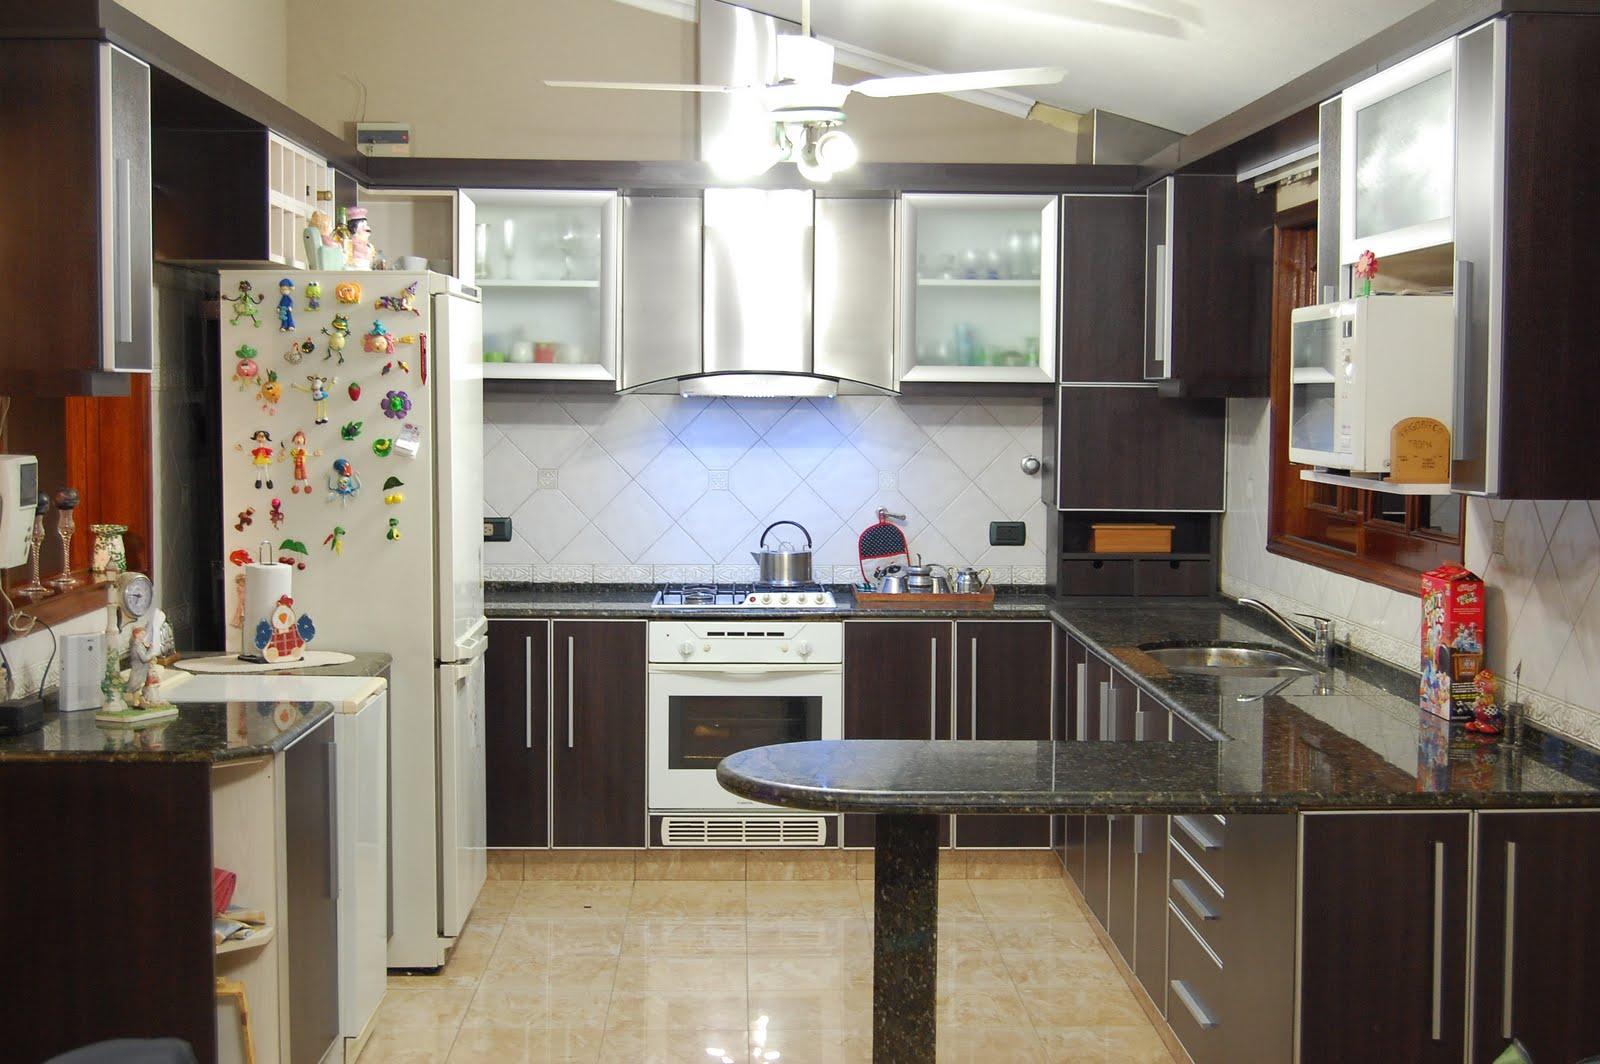 fotos de muebles de cocina de roble - cocinas roble claro Decorar tu casa es facilisimo